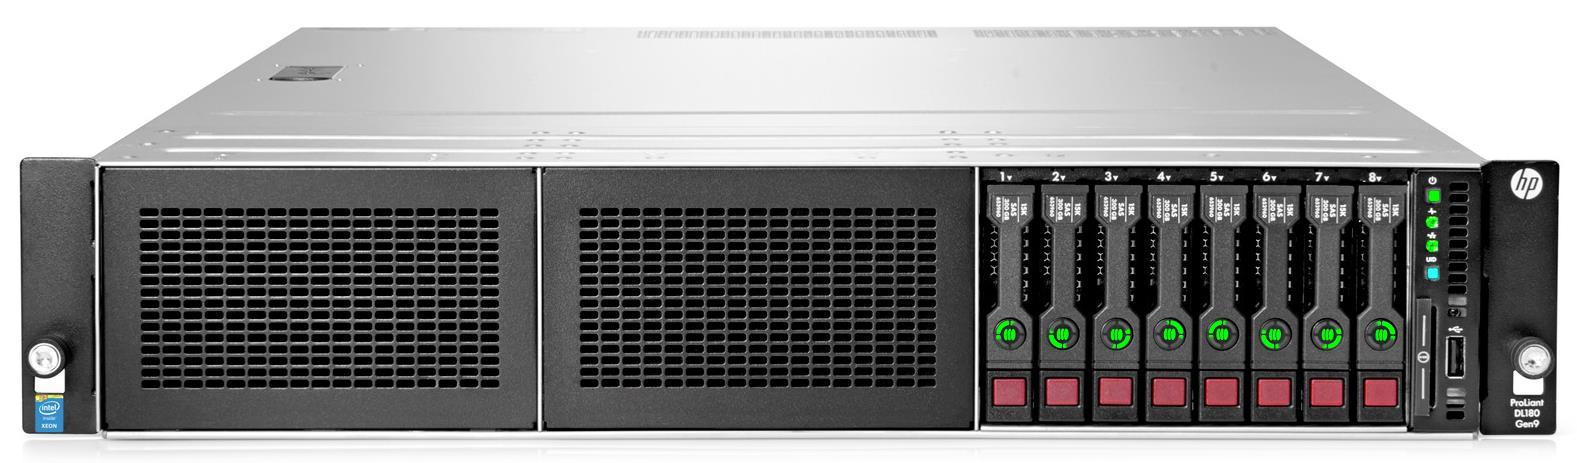 HP ProLiant DL180 Gen9 (2U) Entry Server (1P) Xeon E5 (2609 v3) 1.9GHz 8GB-R (No HDD) SFF H240 Smart Host Bus Adaptor (Matrox G200eH2) + 550W Power Supply